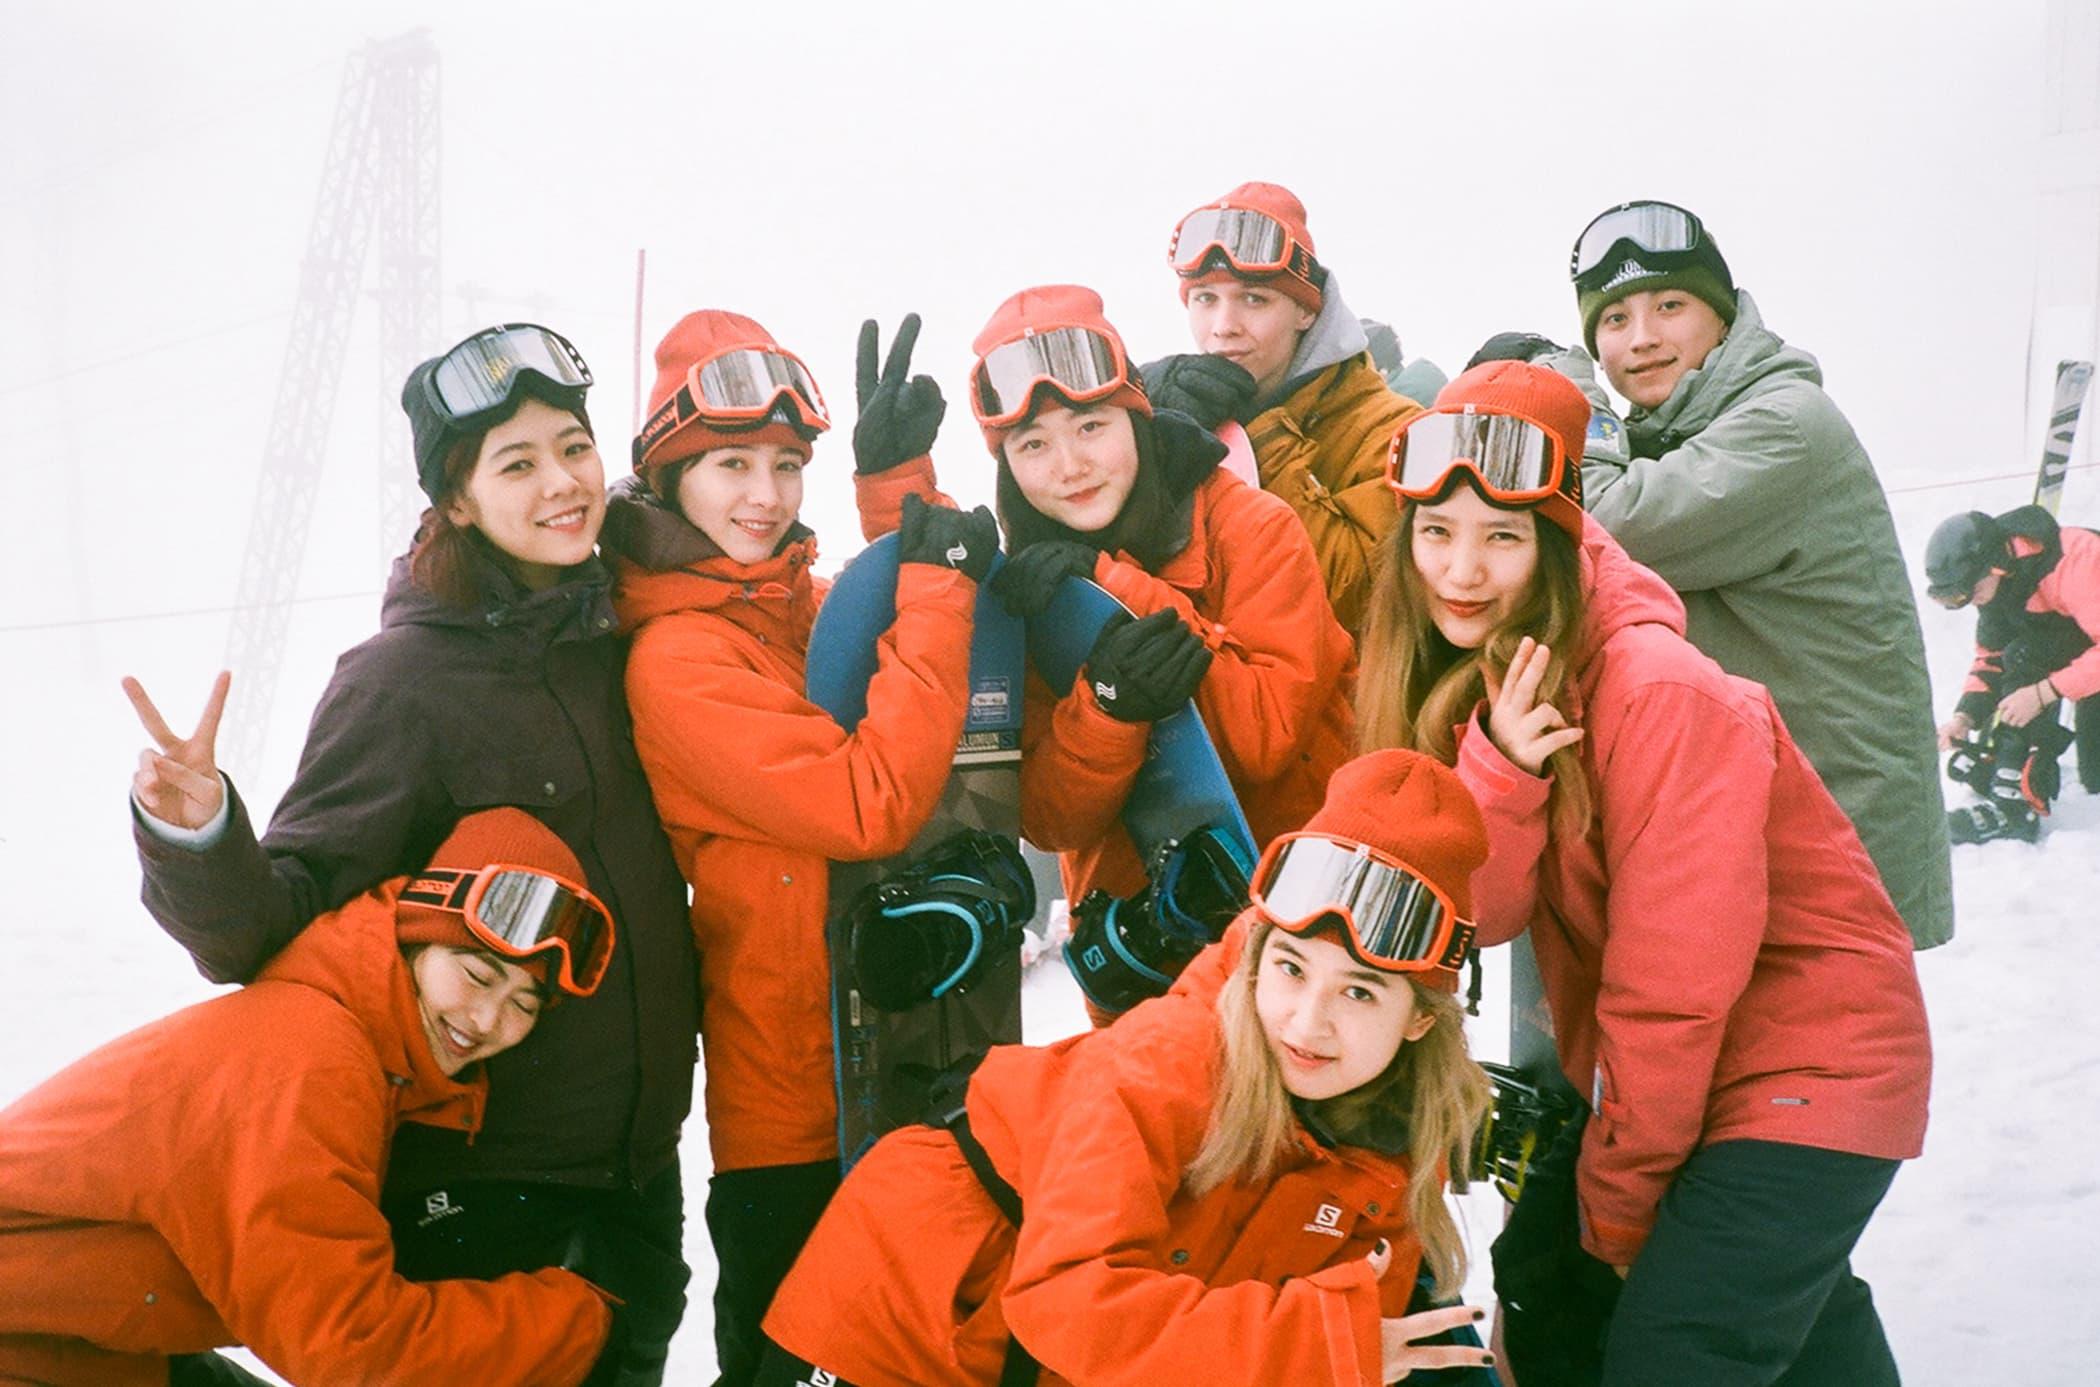 ゲレンデ音楽だけじゃない! アメア スポーツ ジャパンとビームスが考える雪山の楽しみ方。